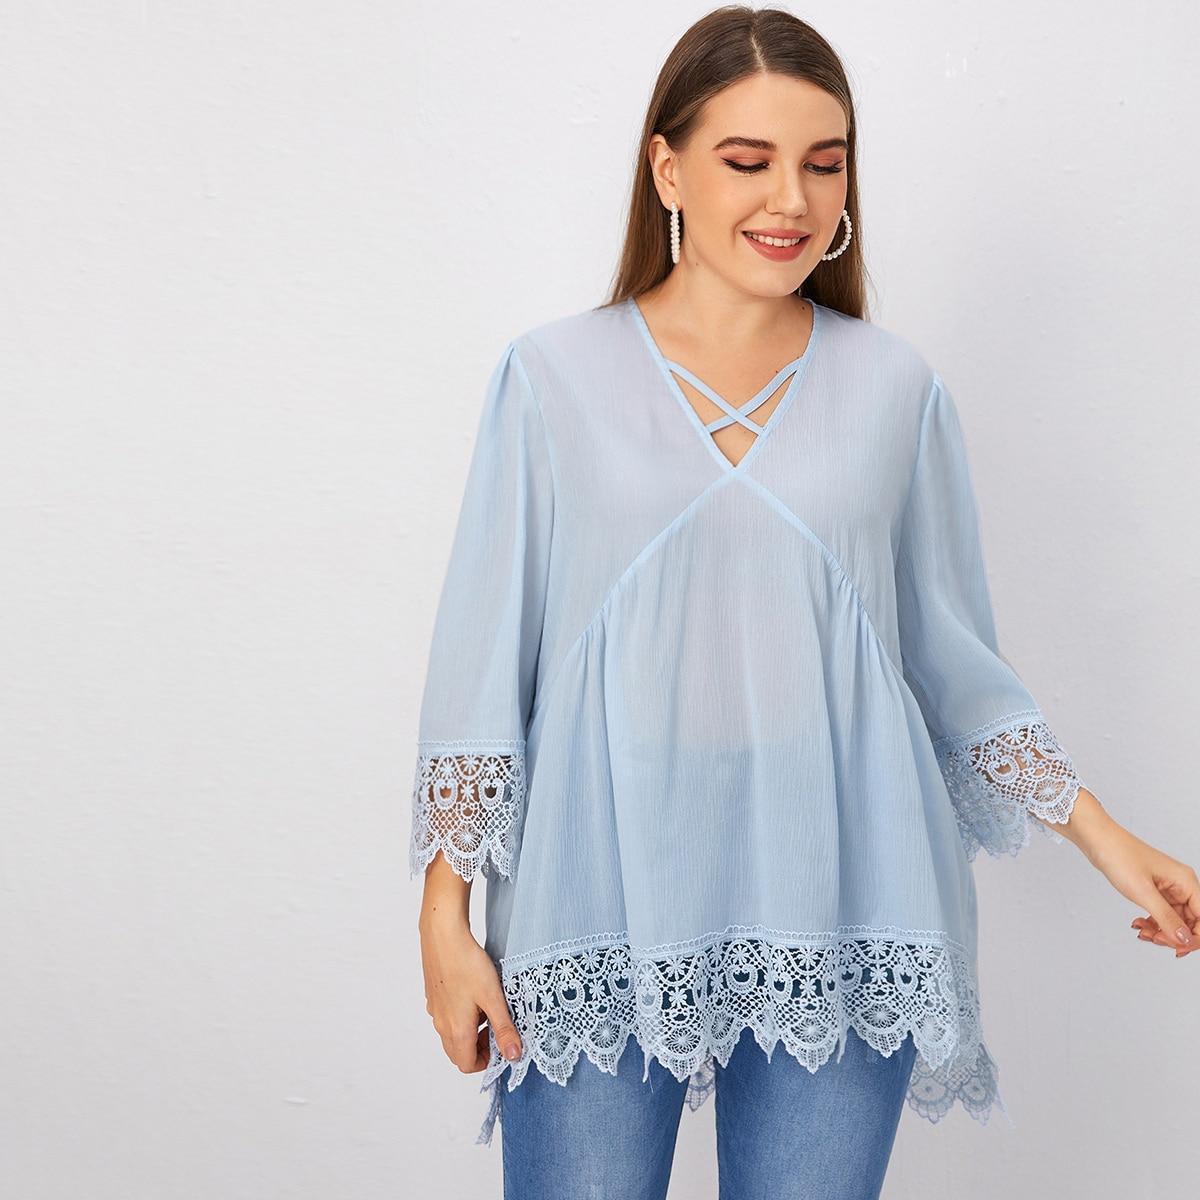 Асимметричная блузка размера плюс с кружевной отделкой